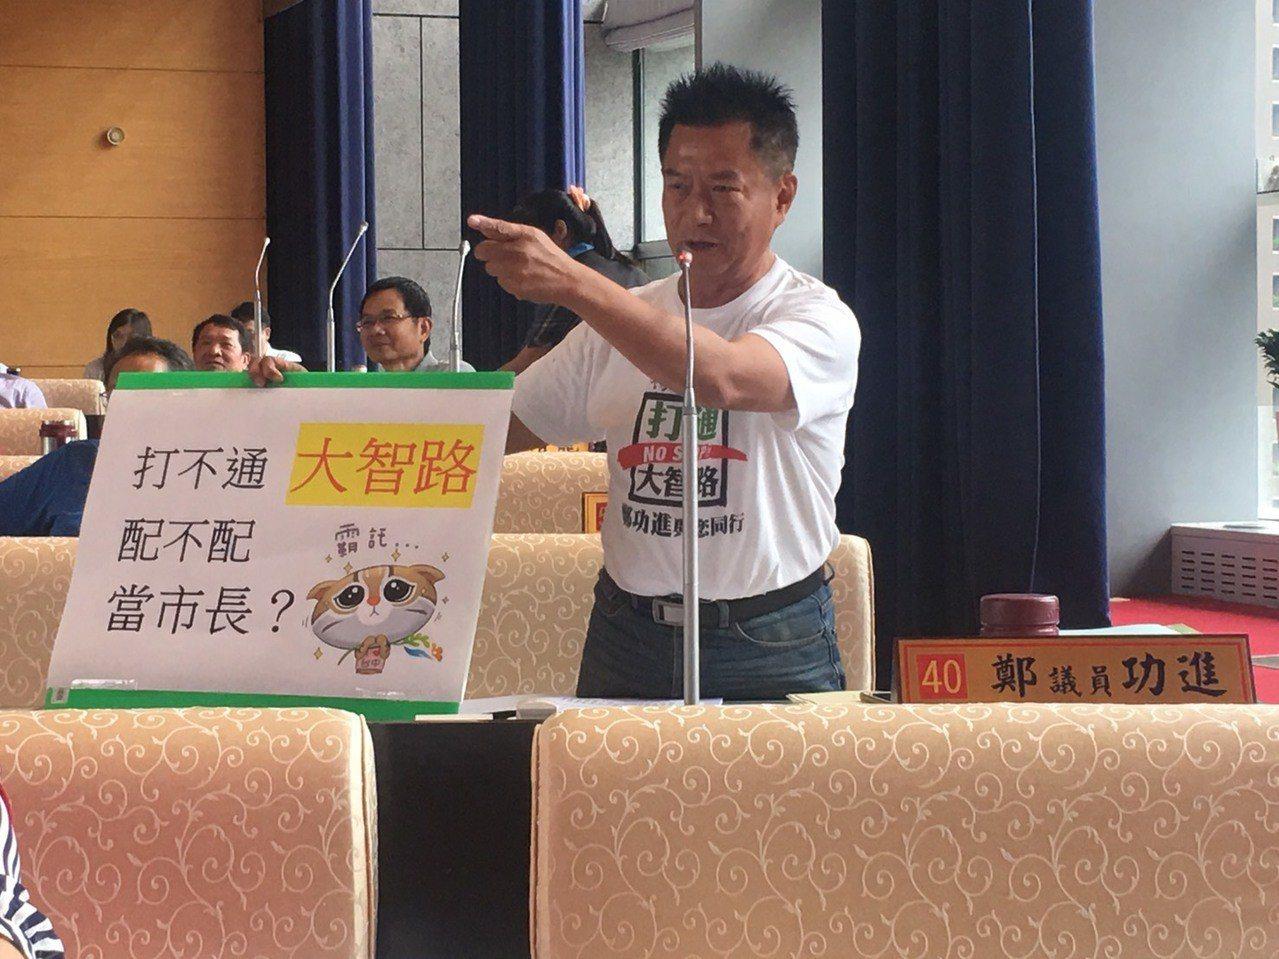 市議員鄭功進問市長林佳龍要不要喊出「不打通大智路,不配當市長」。圖/鄭功進提供